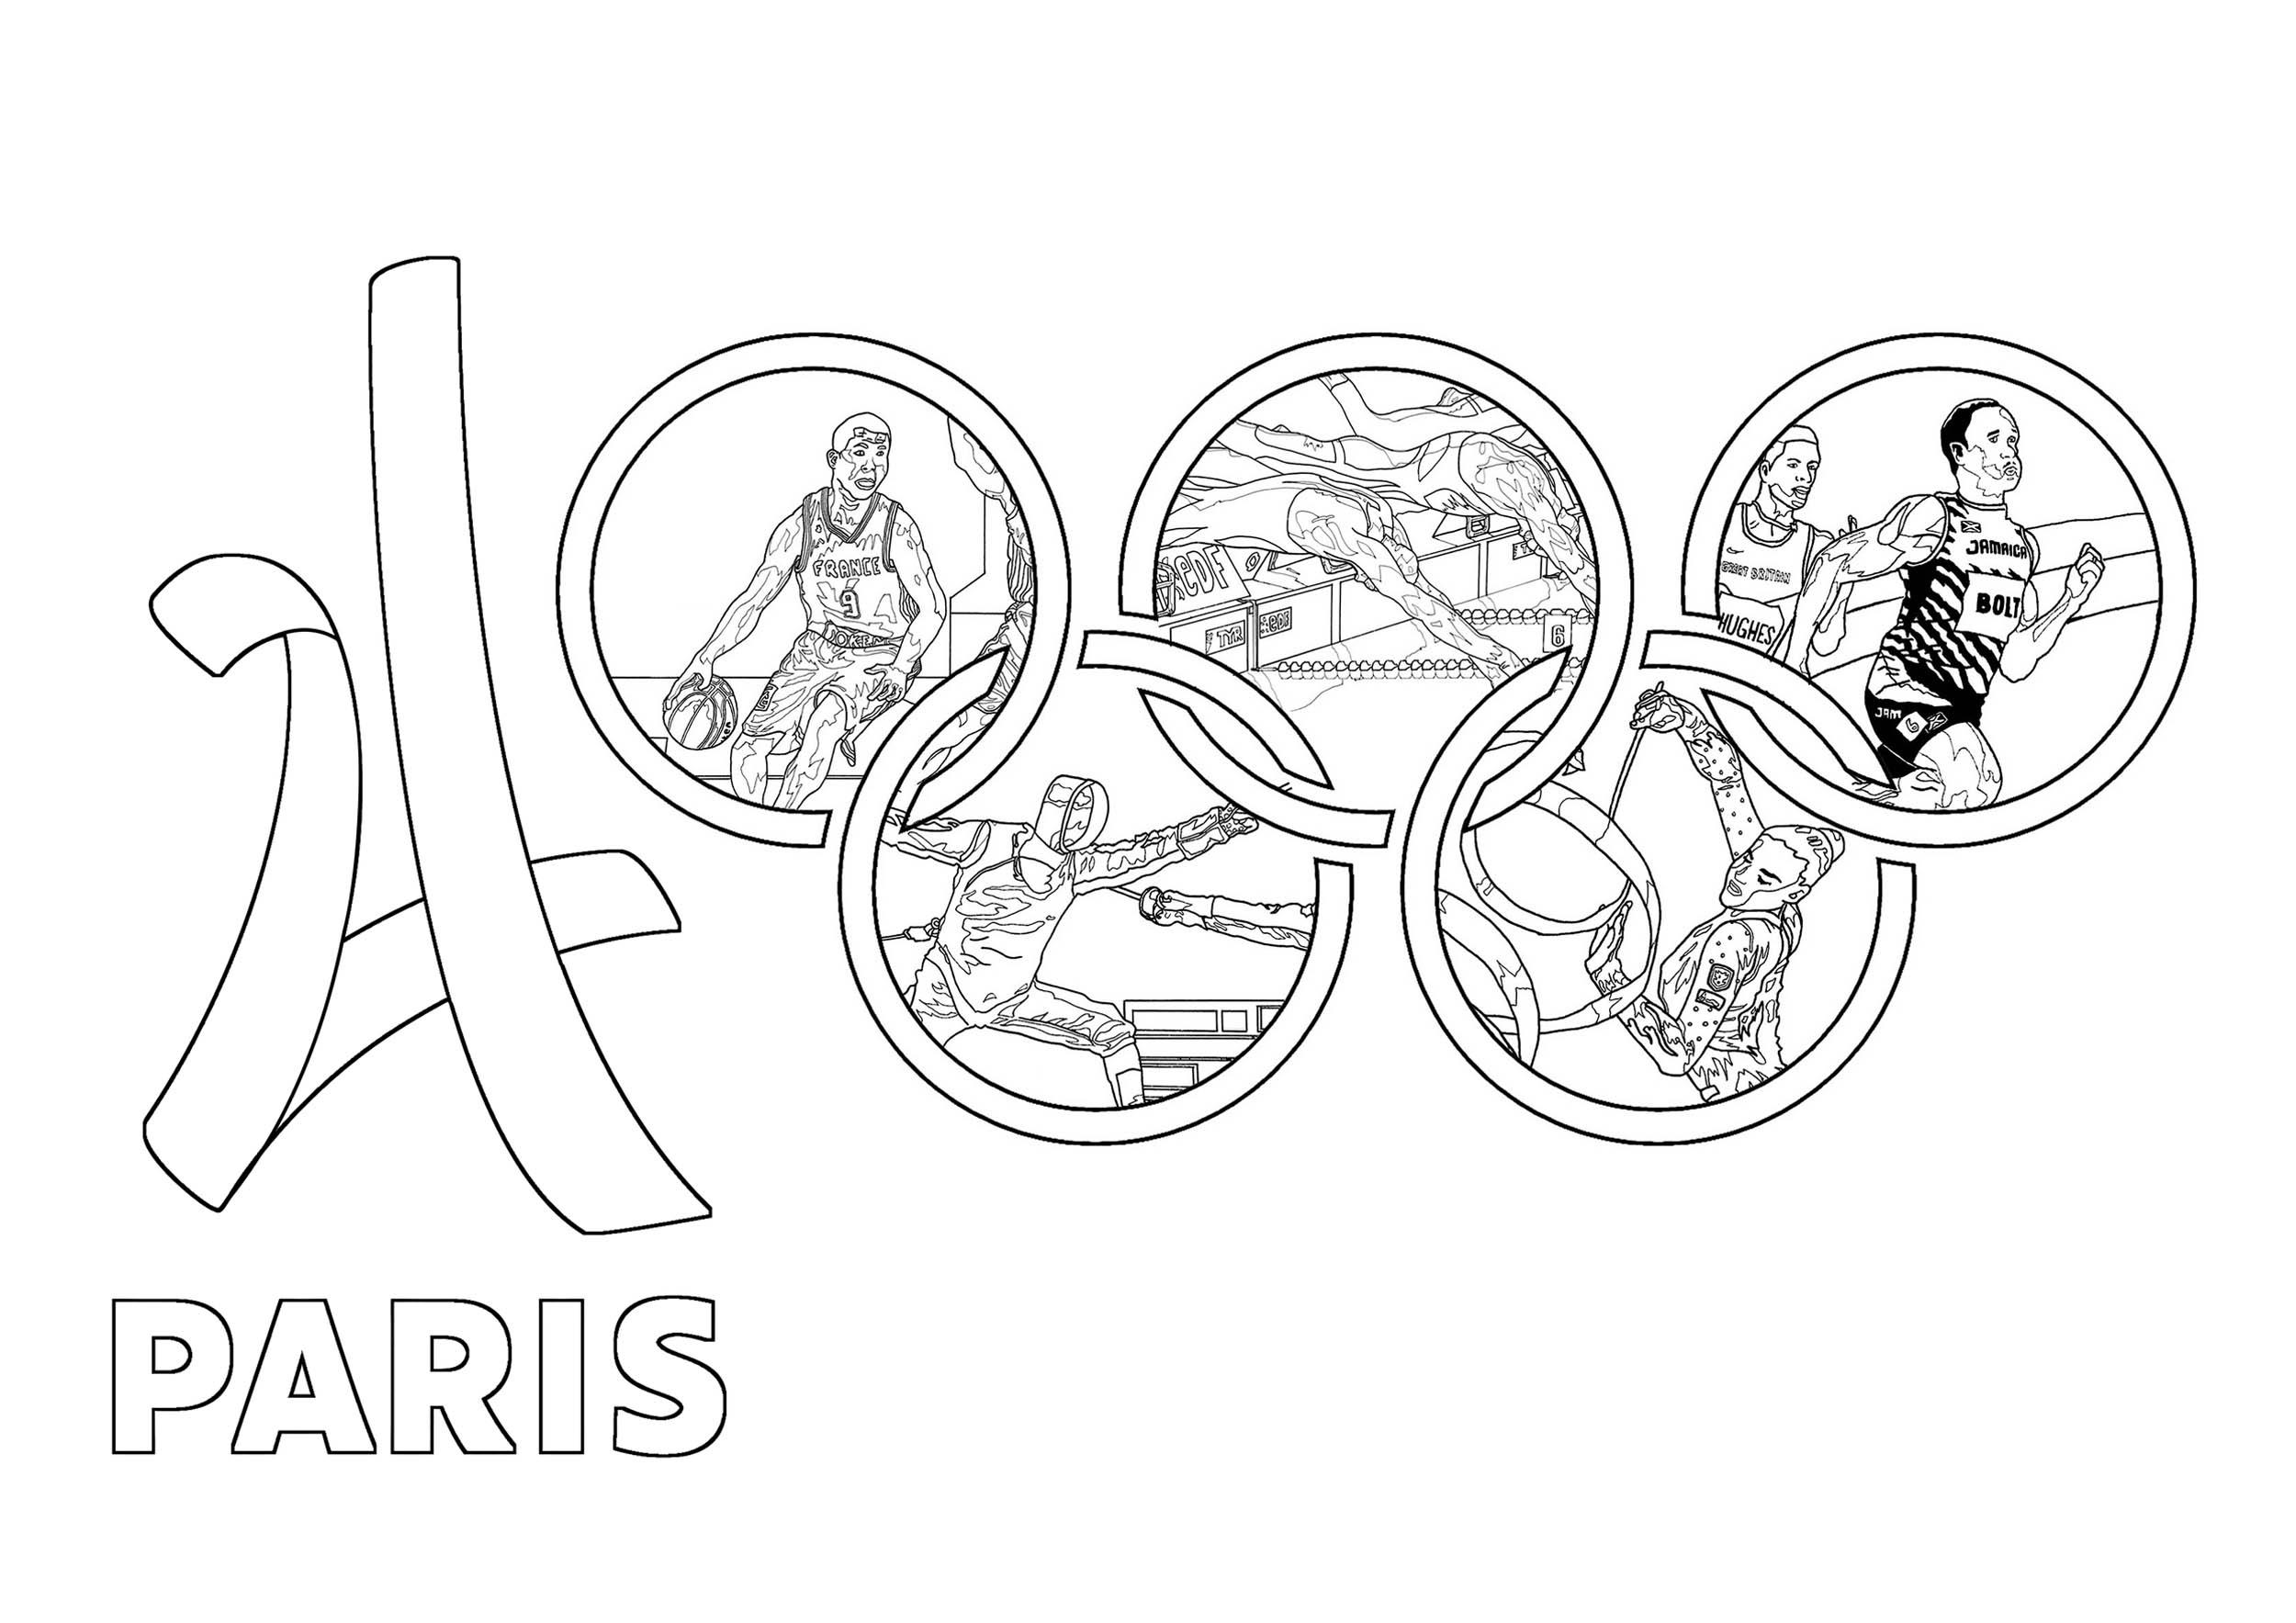 image=jeux olympiques coloriage jeux olympiques paris 2024 1